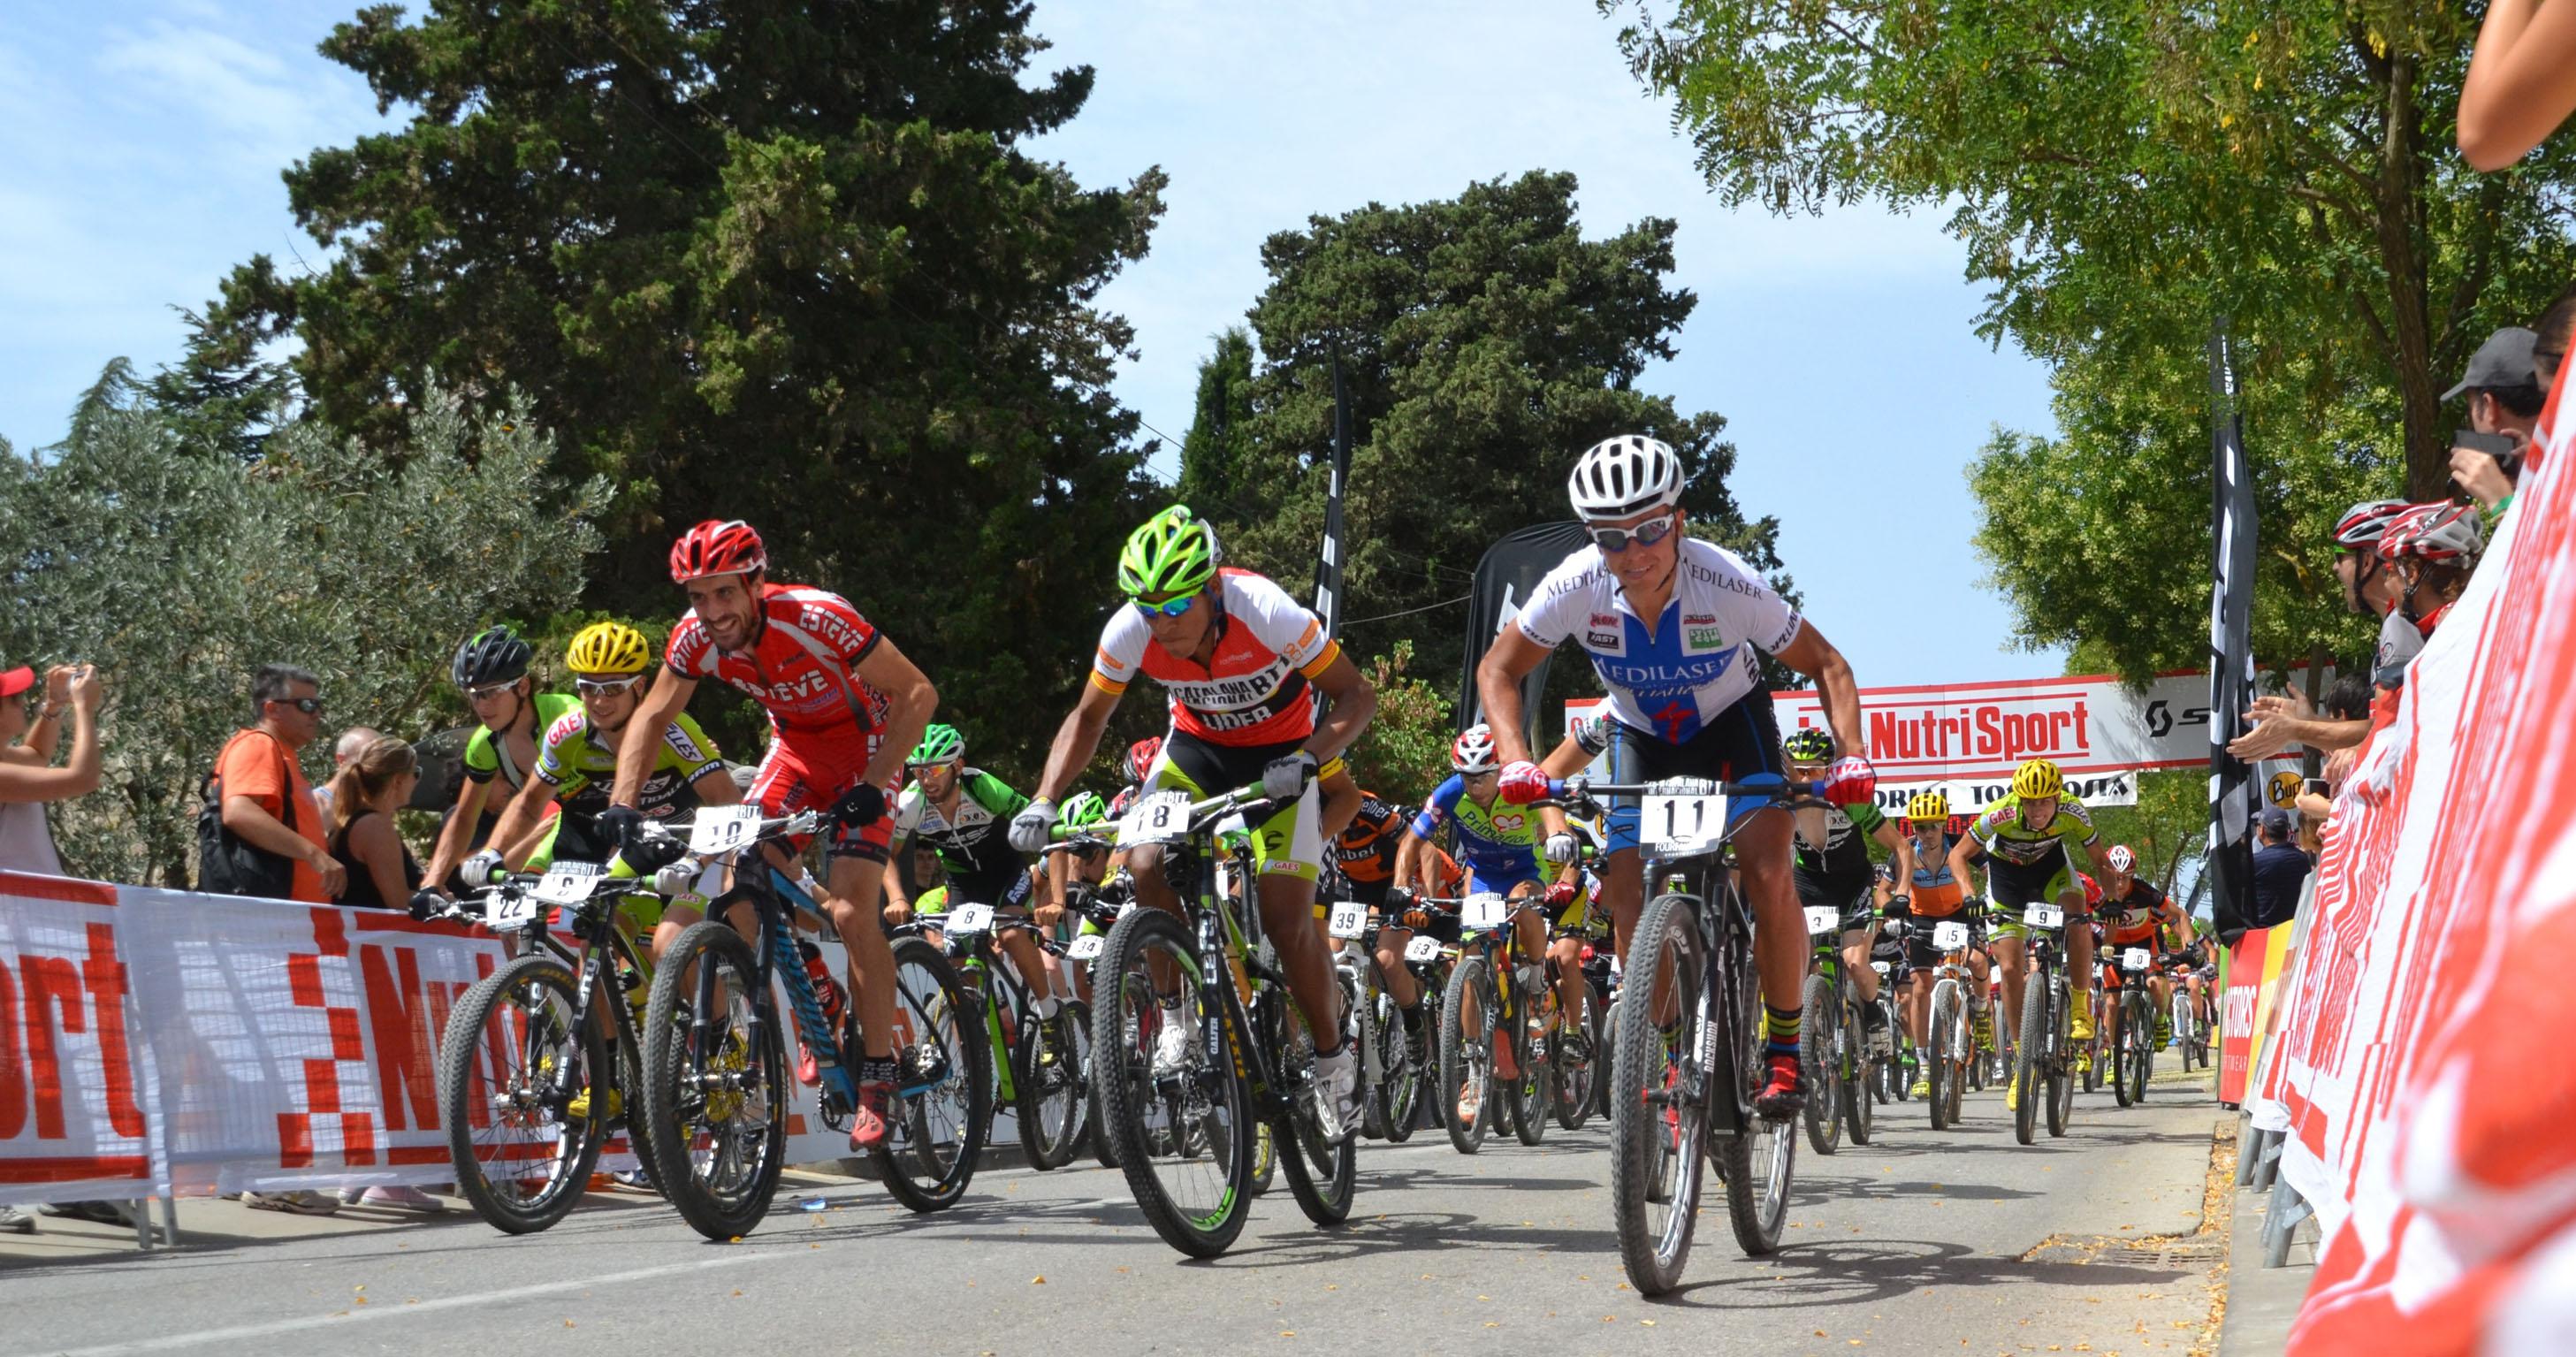 La Copa Catalana Internacional Biking Point de BTT se desplaza a Corró d'Amunt este fin de semana